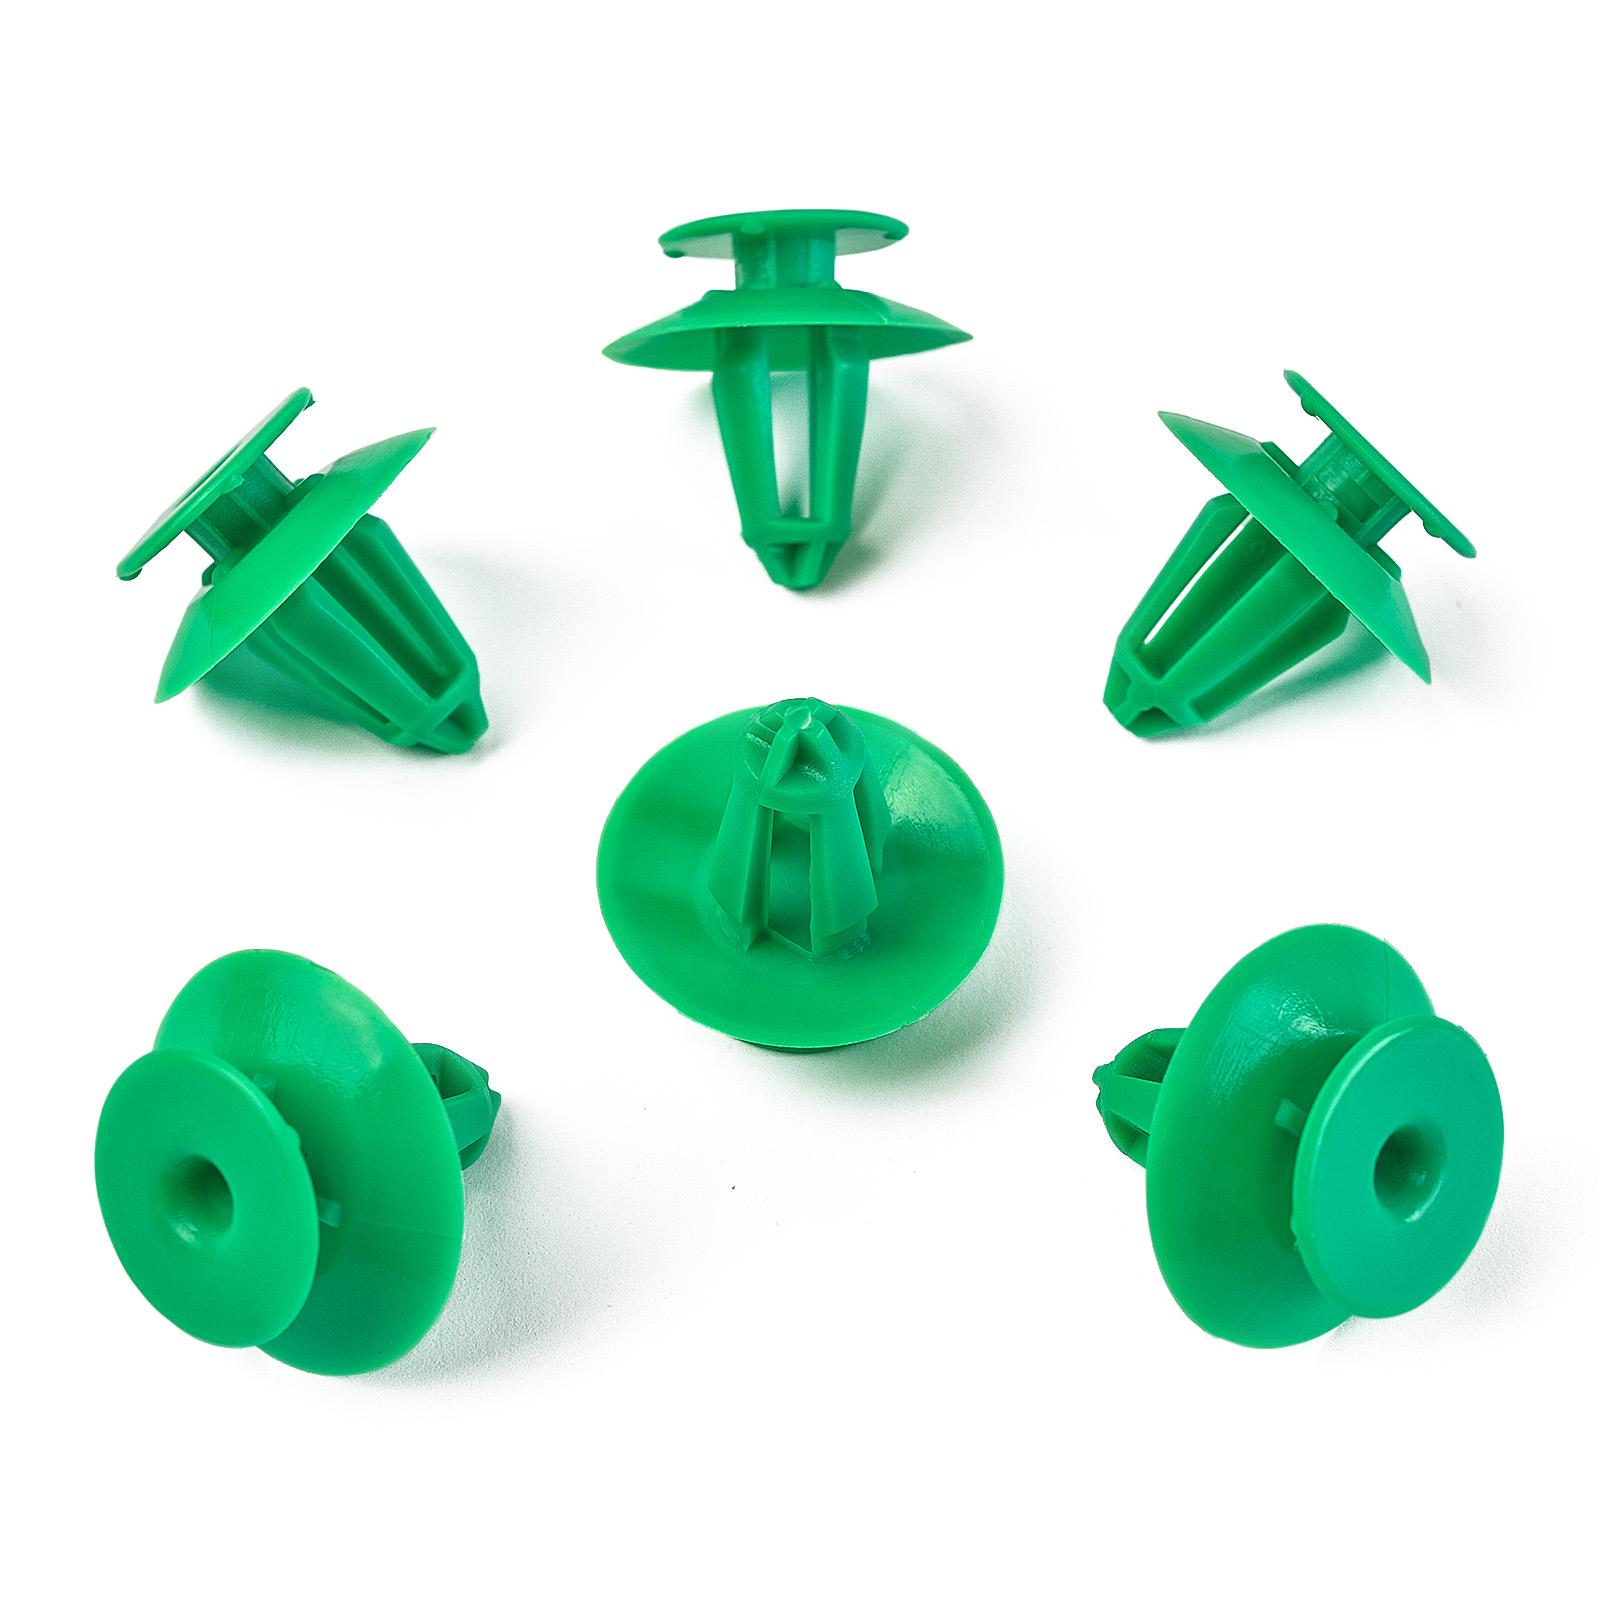 5x porte Carénage Clips fixation plastique vert pour audi vw893867290